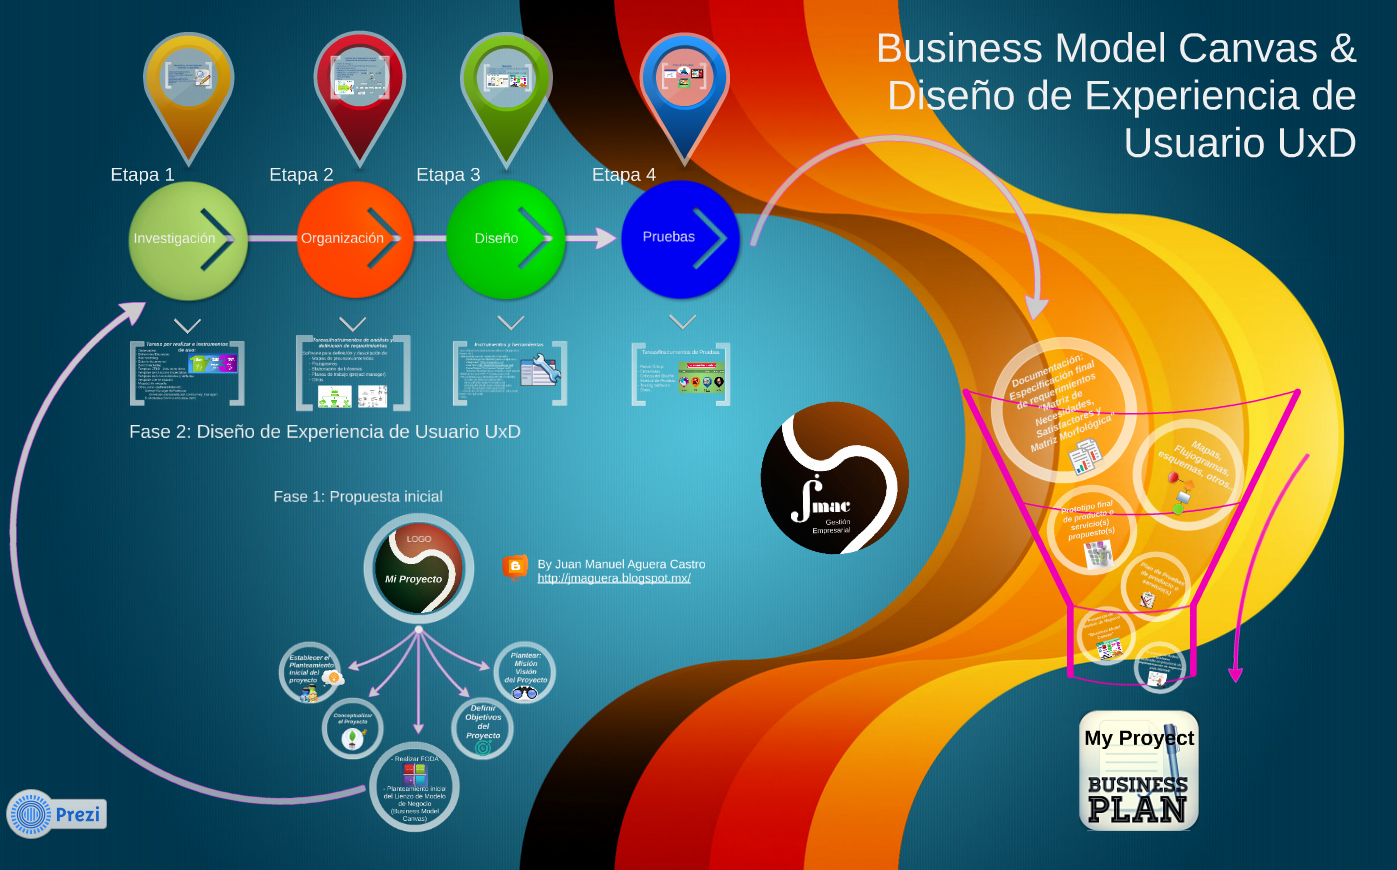 Business Model Canvas & Diseño  UxD